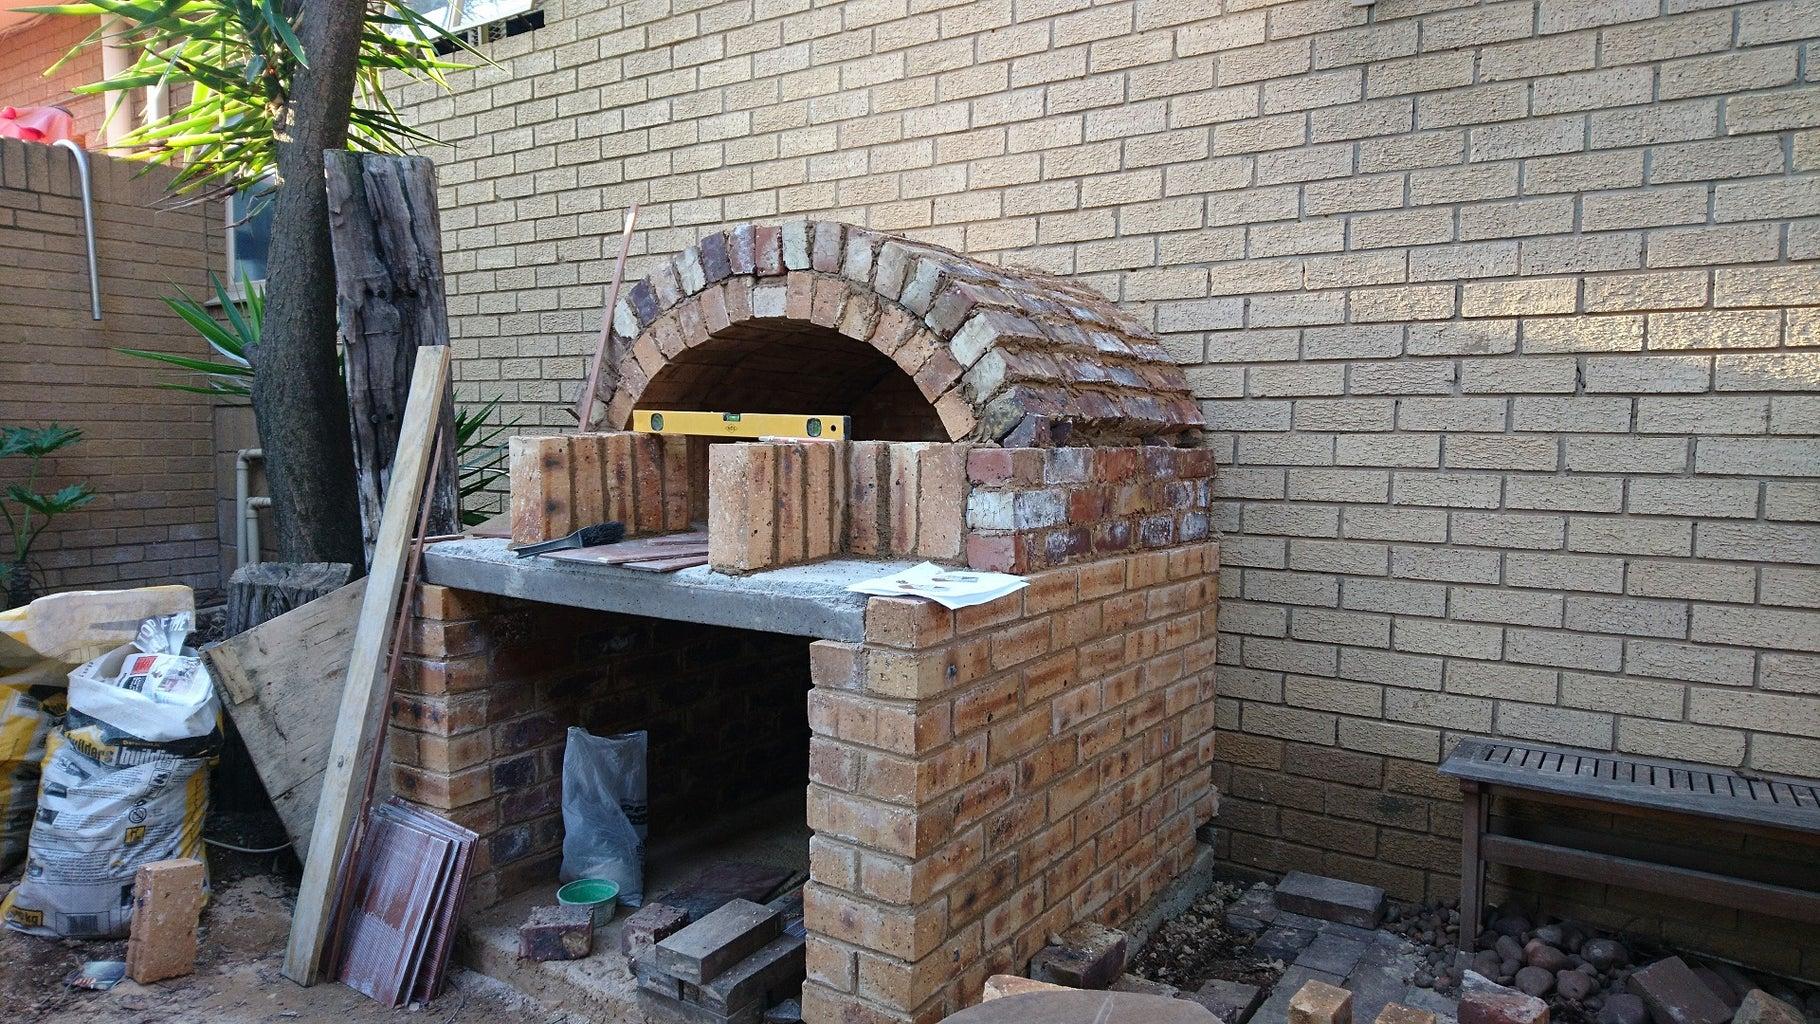 Building the Doorway